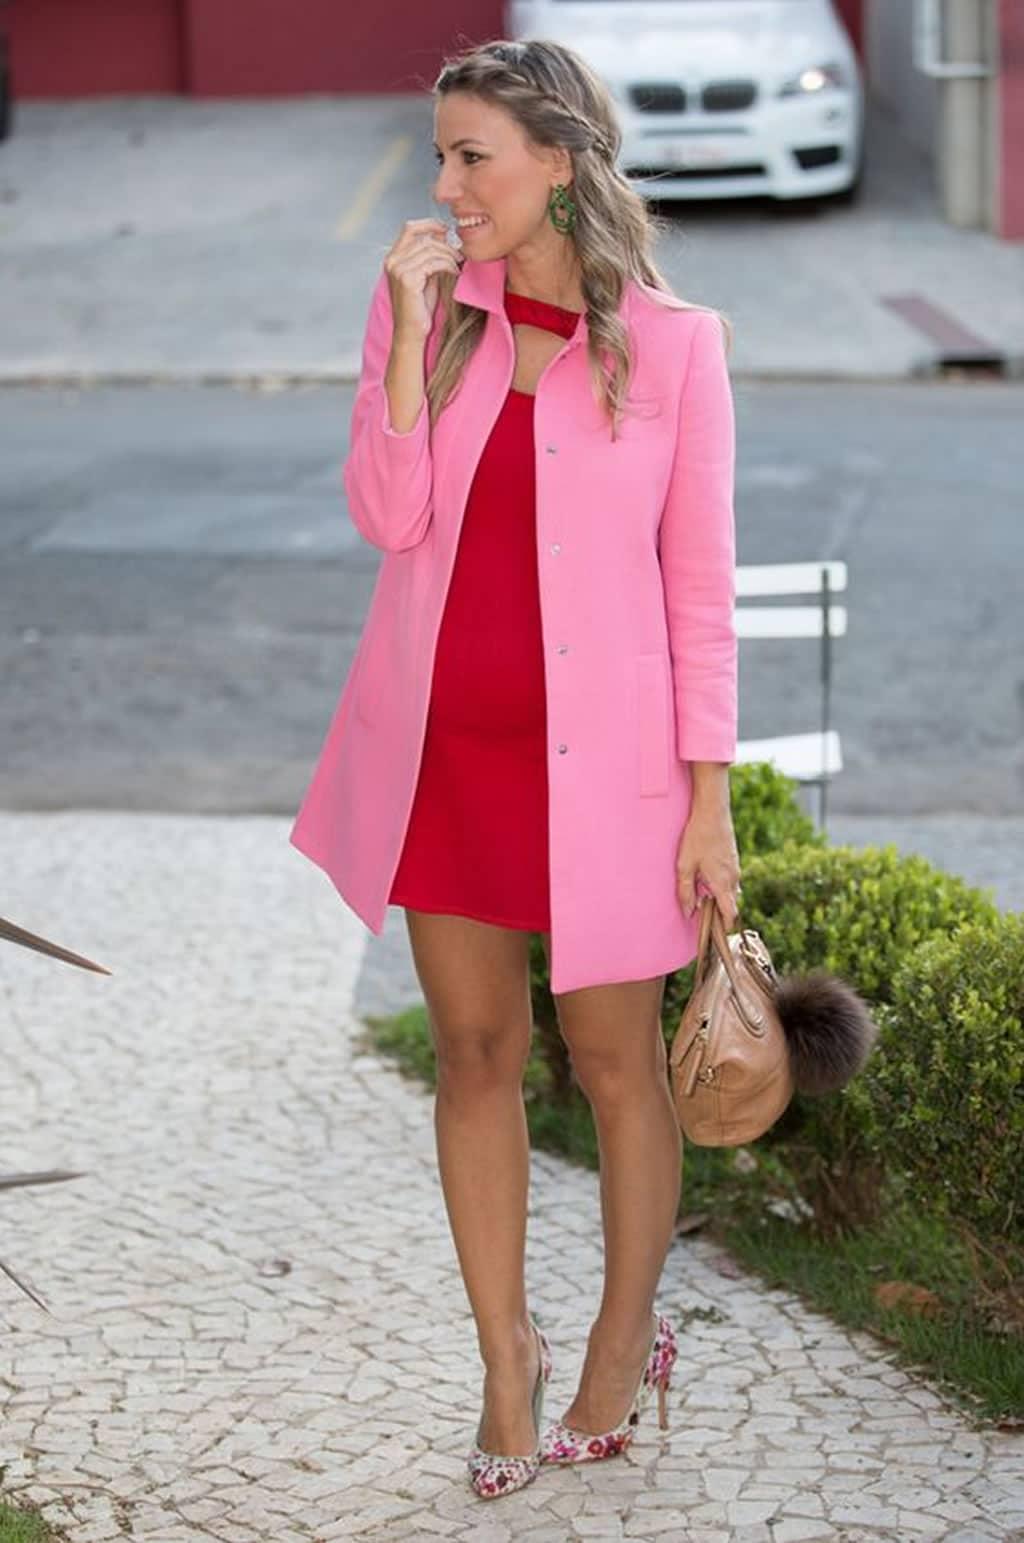 Tendência Rosa e Vermelho, Looks Rosa Com Vermelho, Look Vermelho Com Rosa, Vermelho e Rosa, Rosa e Vermelho, Tendência Vermelho e rosa, trench coat com vestido vermelho, trench coat rosa com vestido vermelho